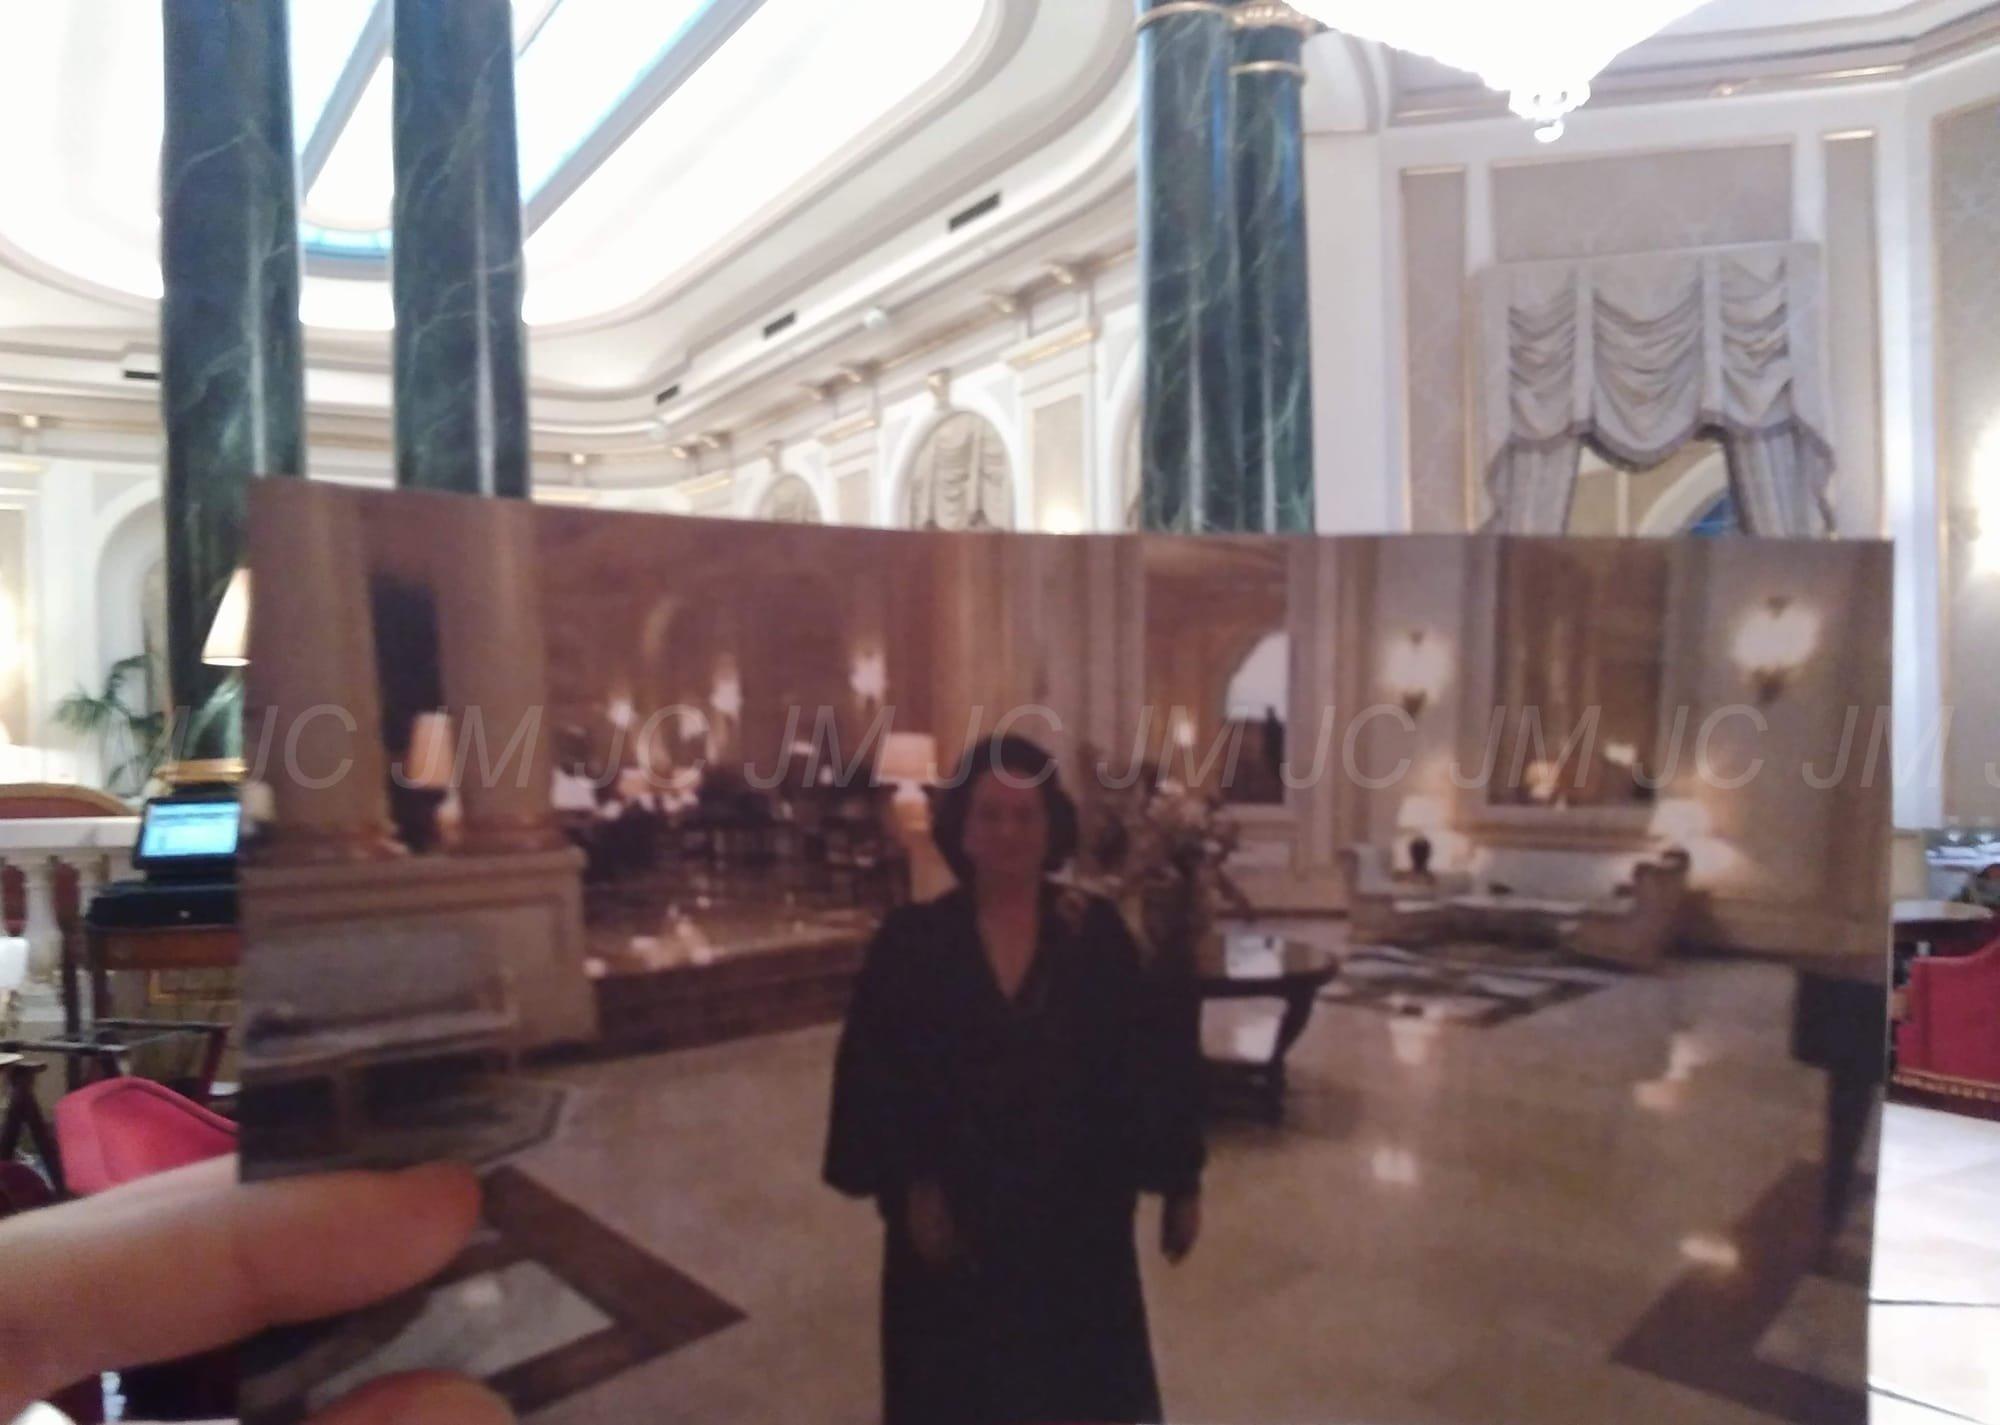 Montserrat Caballé Hotel Ritz